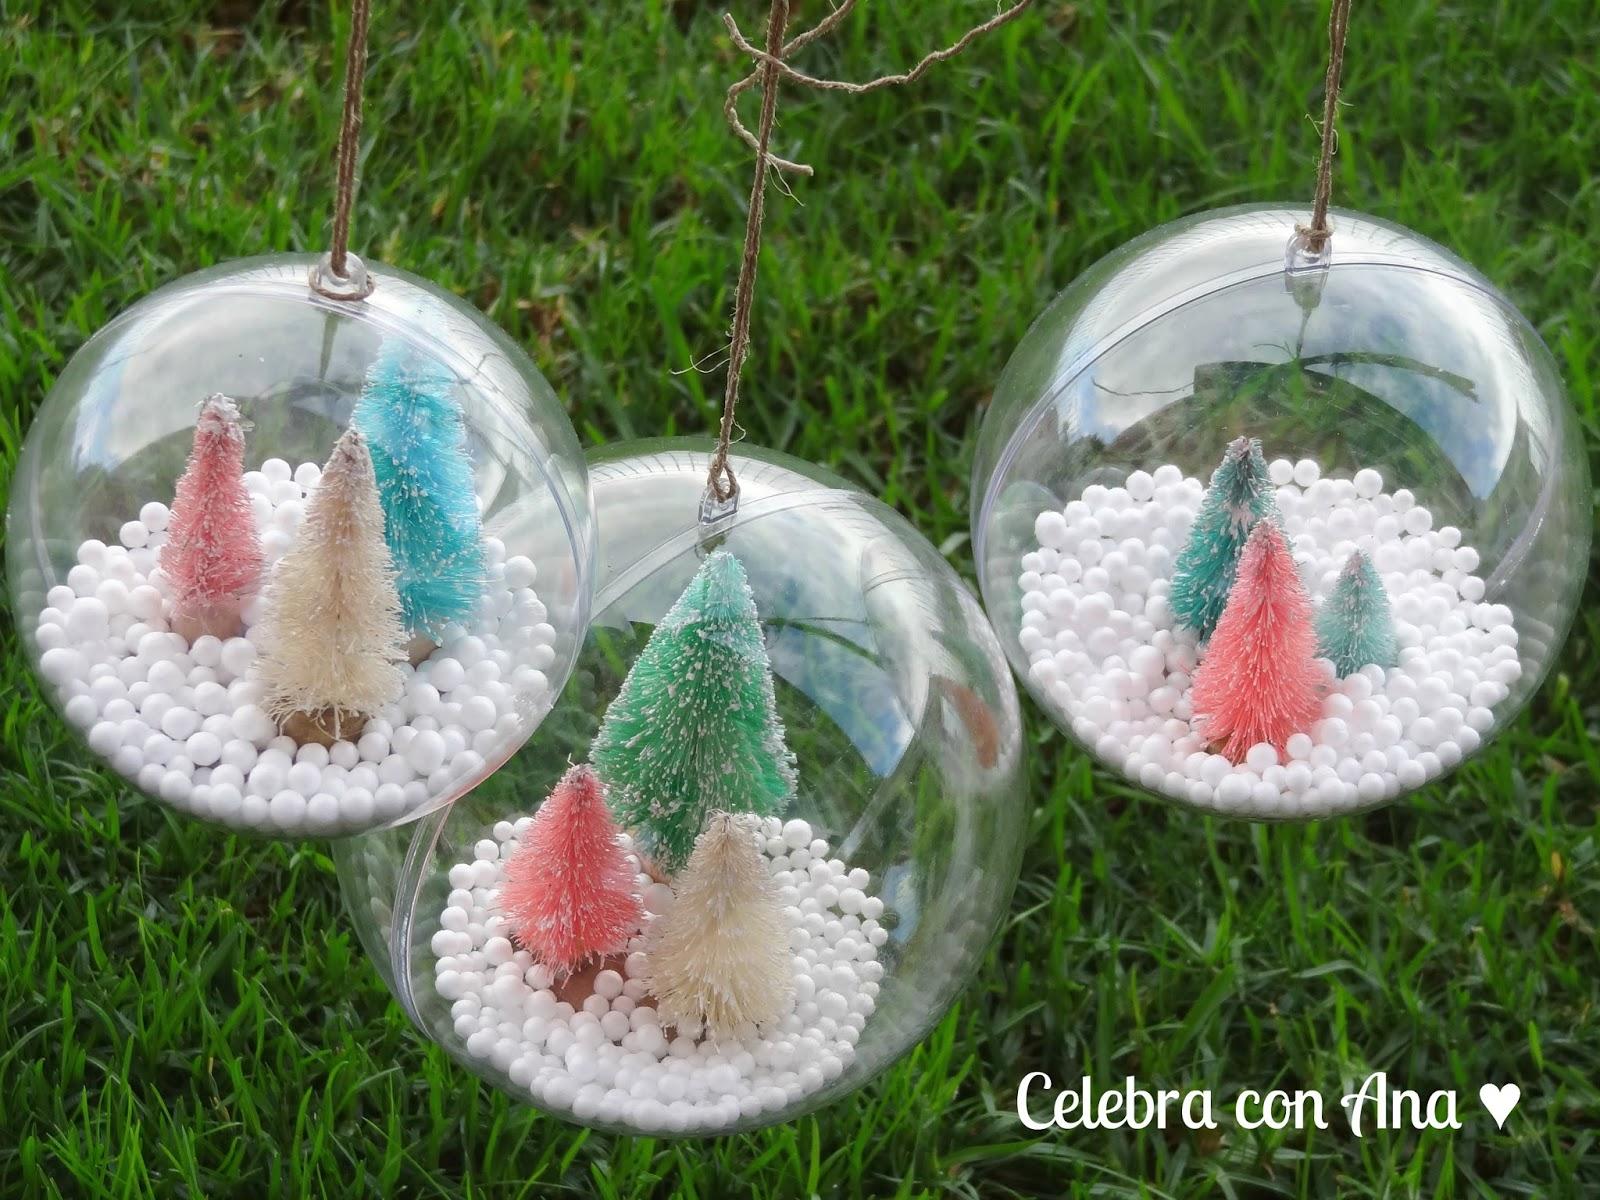 Celebra con Ana | Fiestas y Regalos personalizados: Bolas ...